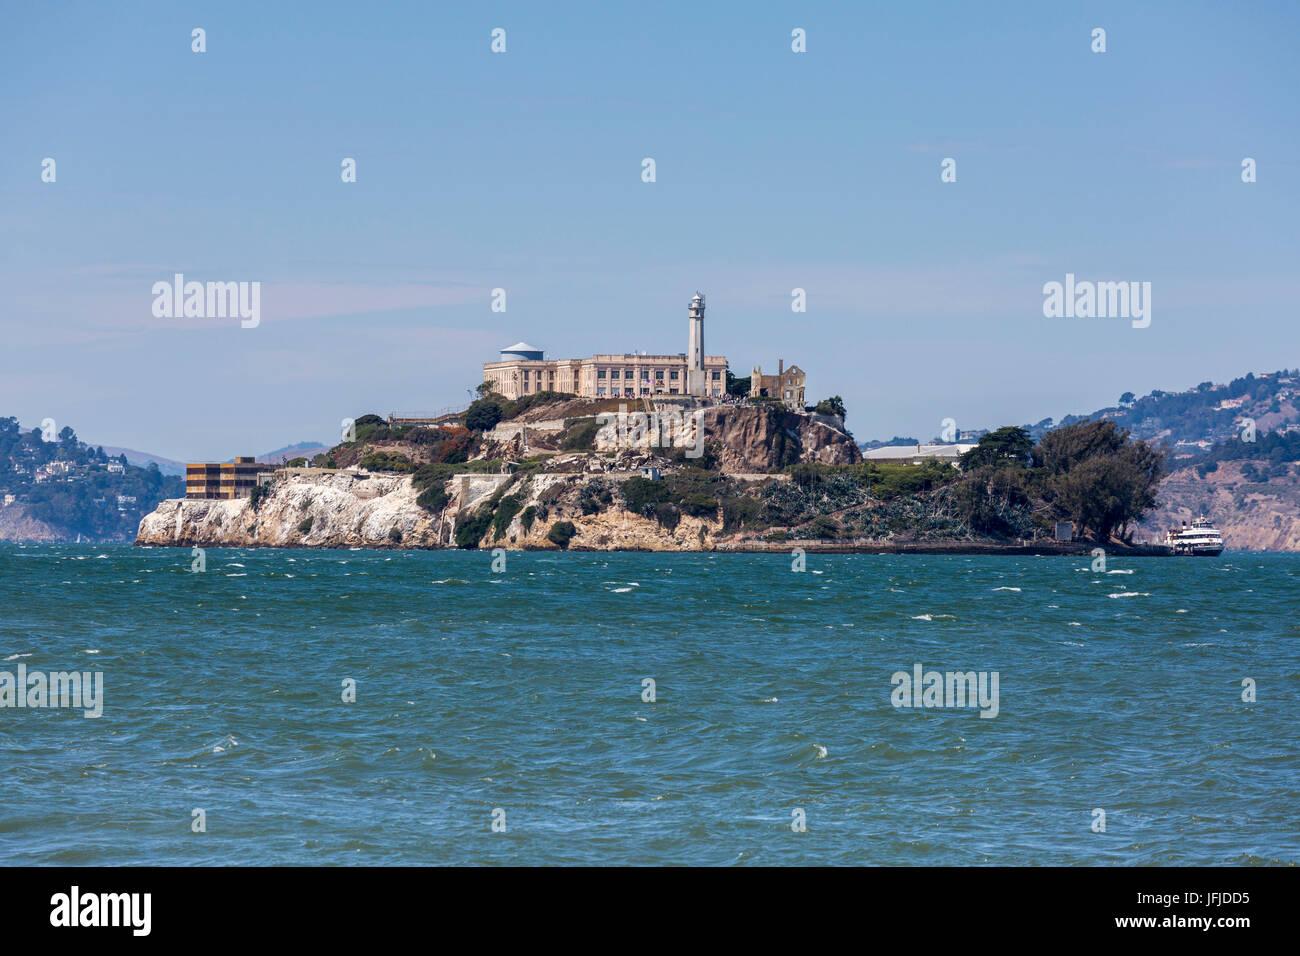 L'île d'Alcatraz dans la baie de San Francisco, comté de Marin, en Californie, USA, Photo Stock